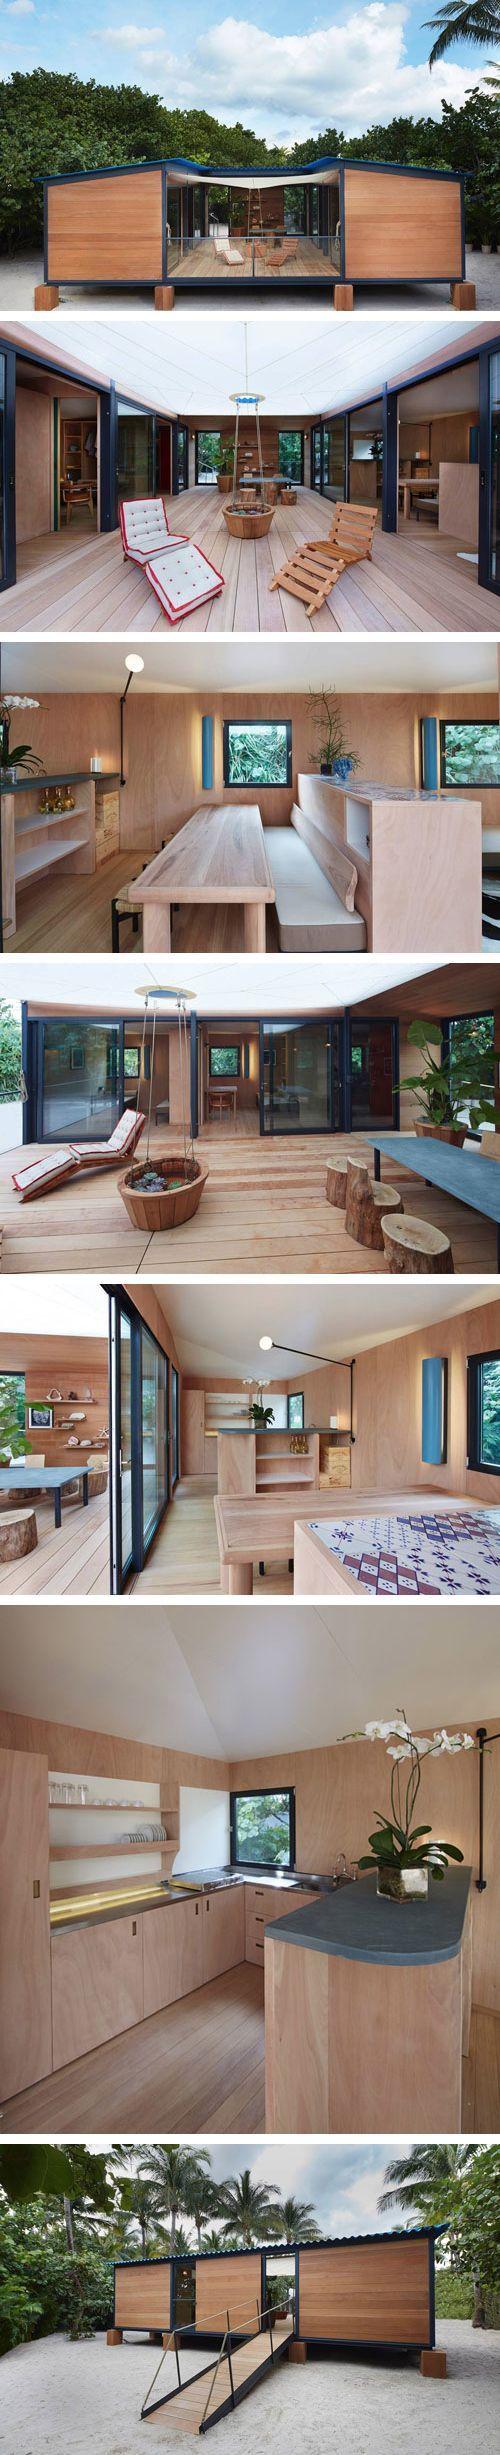 Charlotte Perriand La Maison au Bord de l'Eau. Rebuilt for Art Basel Miami Beach with LVs support